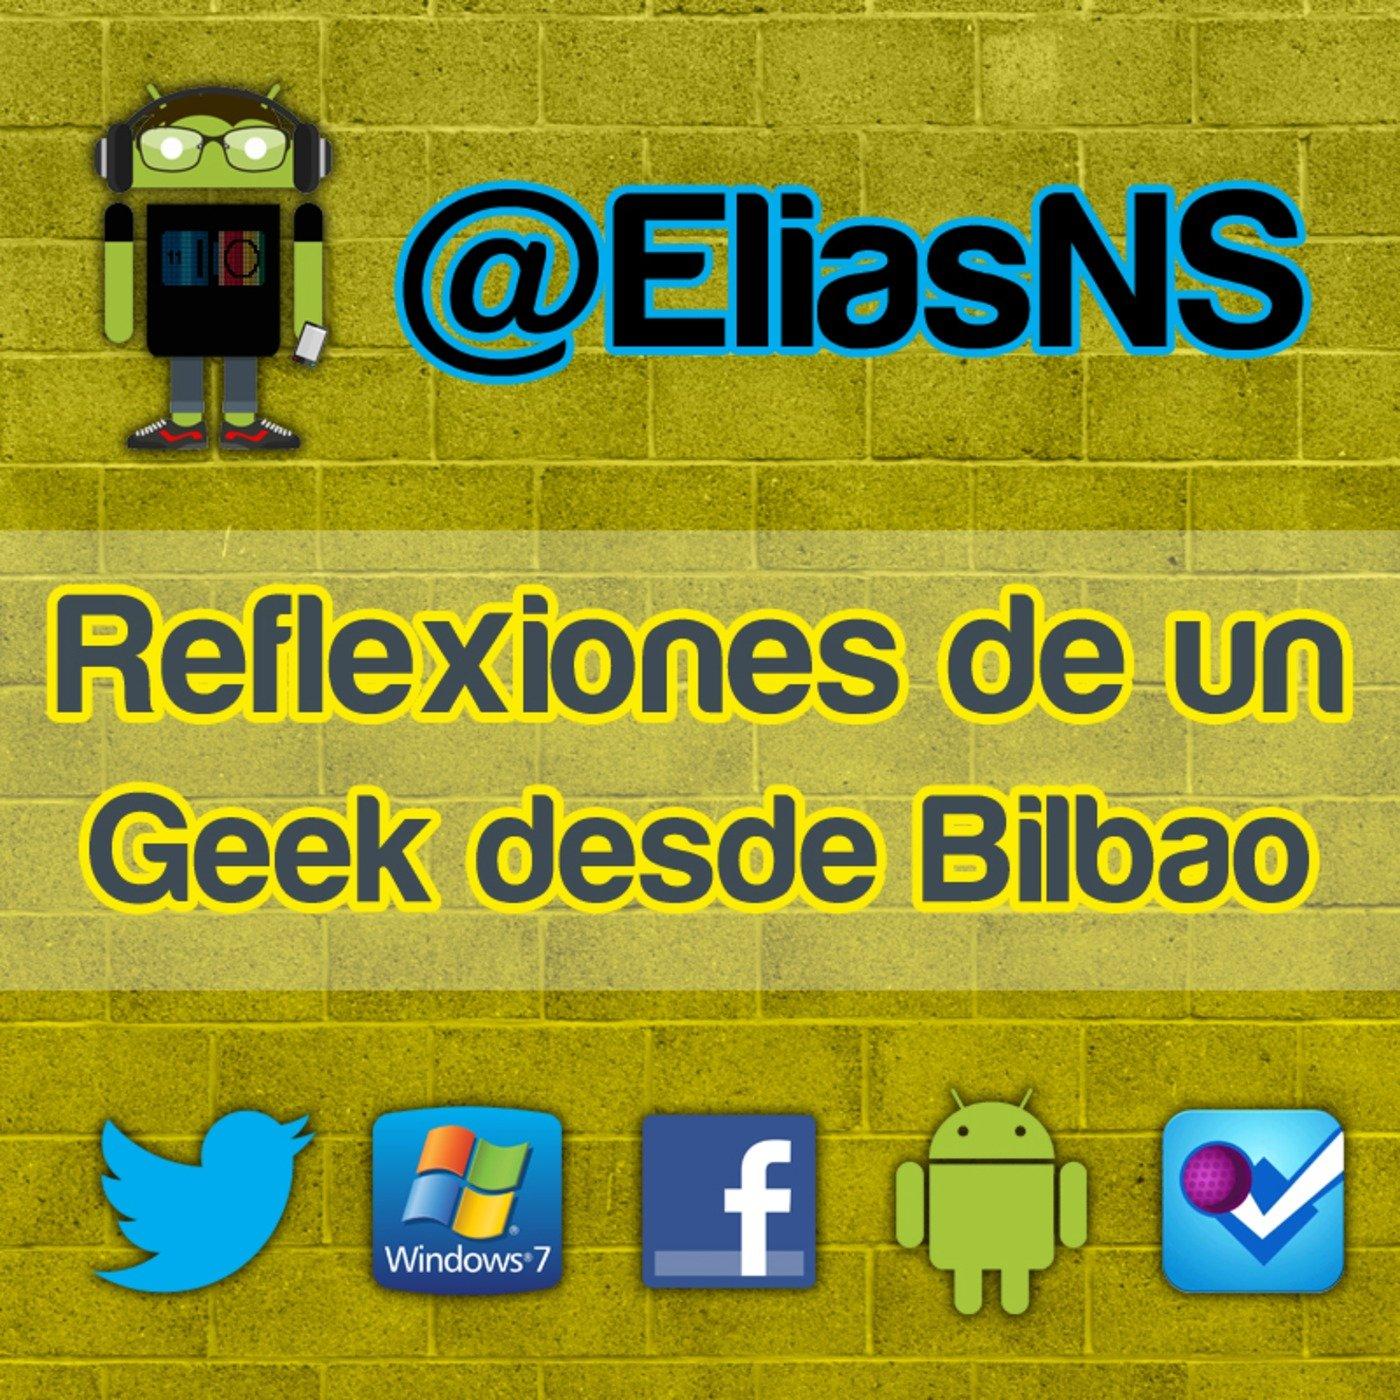 <![CDATA[Reflexiones de un Geek desde Bilbao]]>